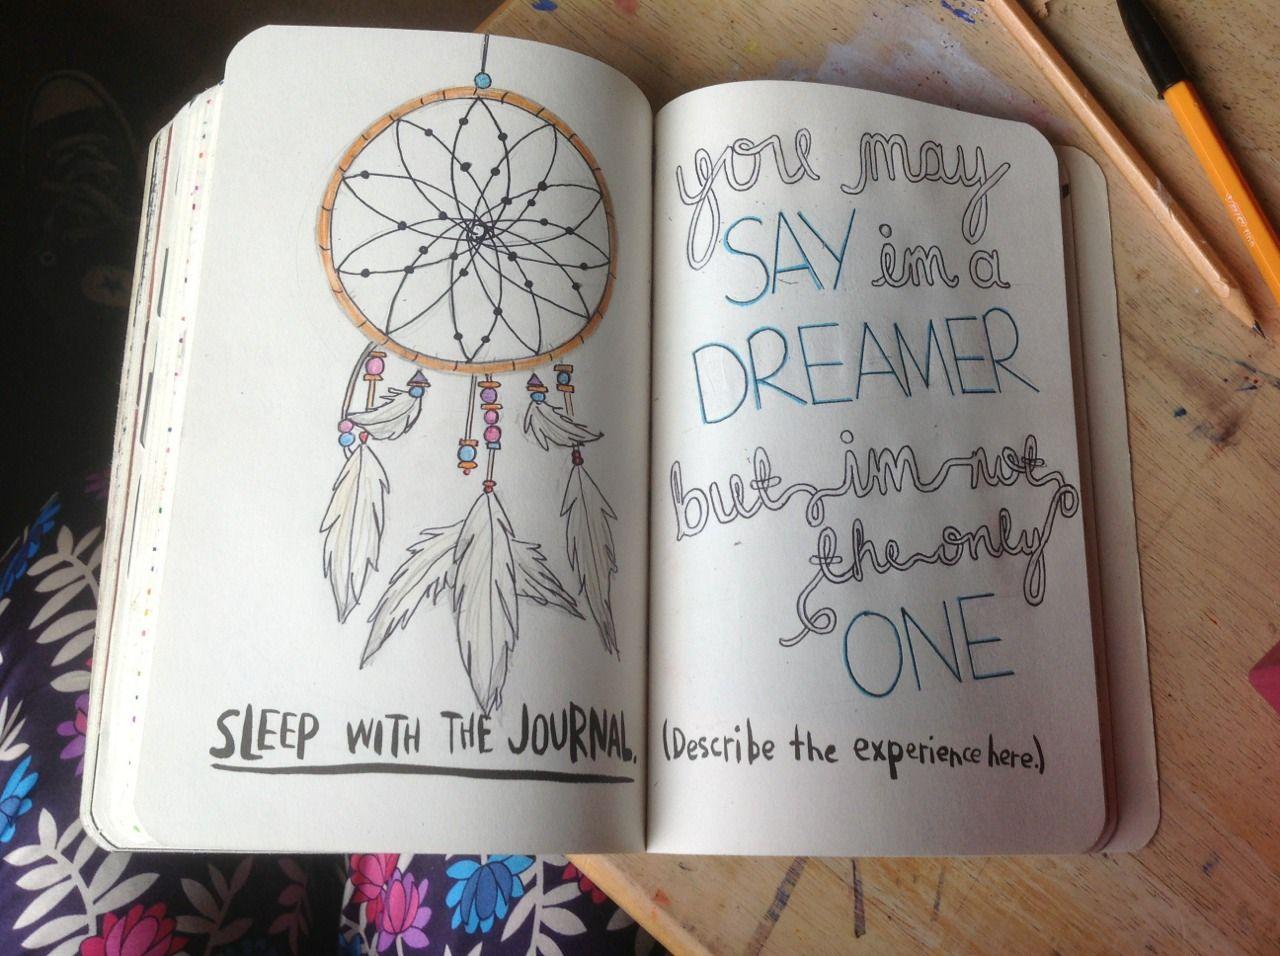 Личный дневник   - сон